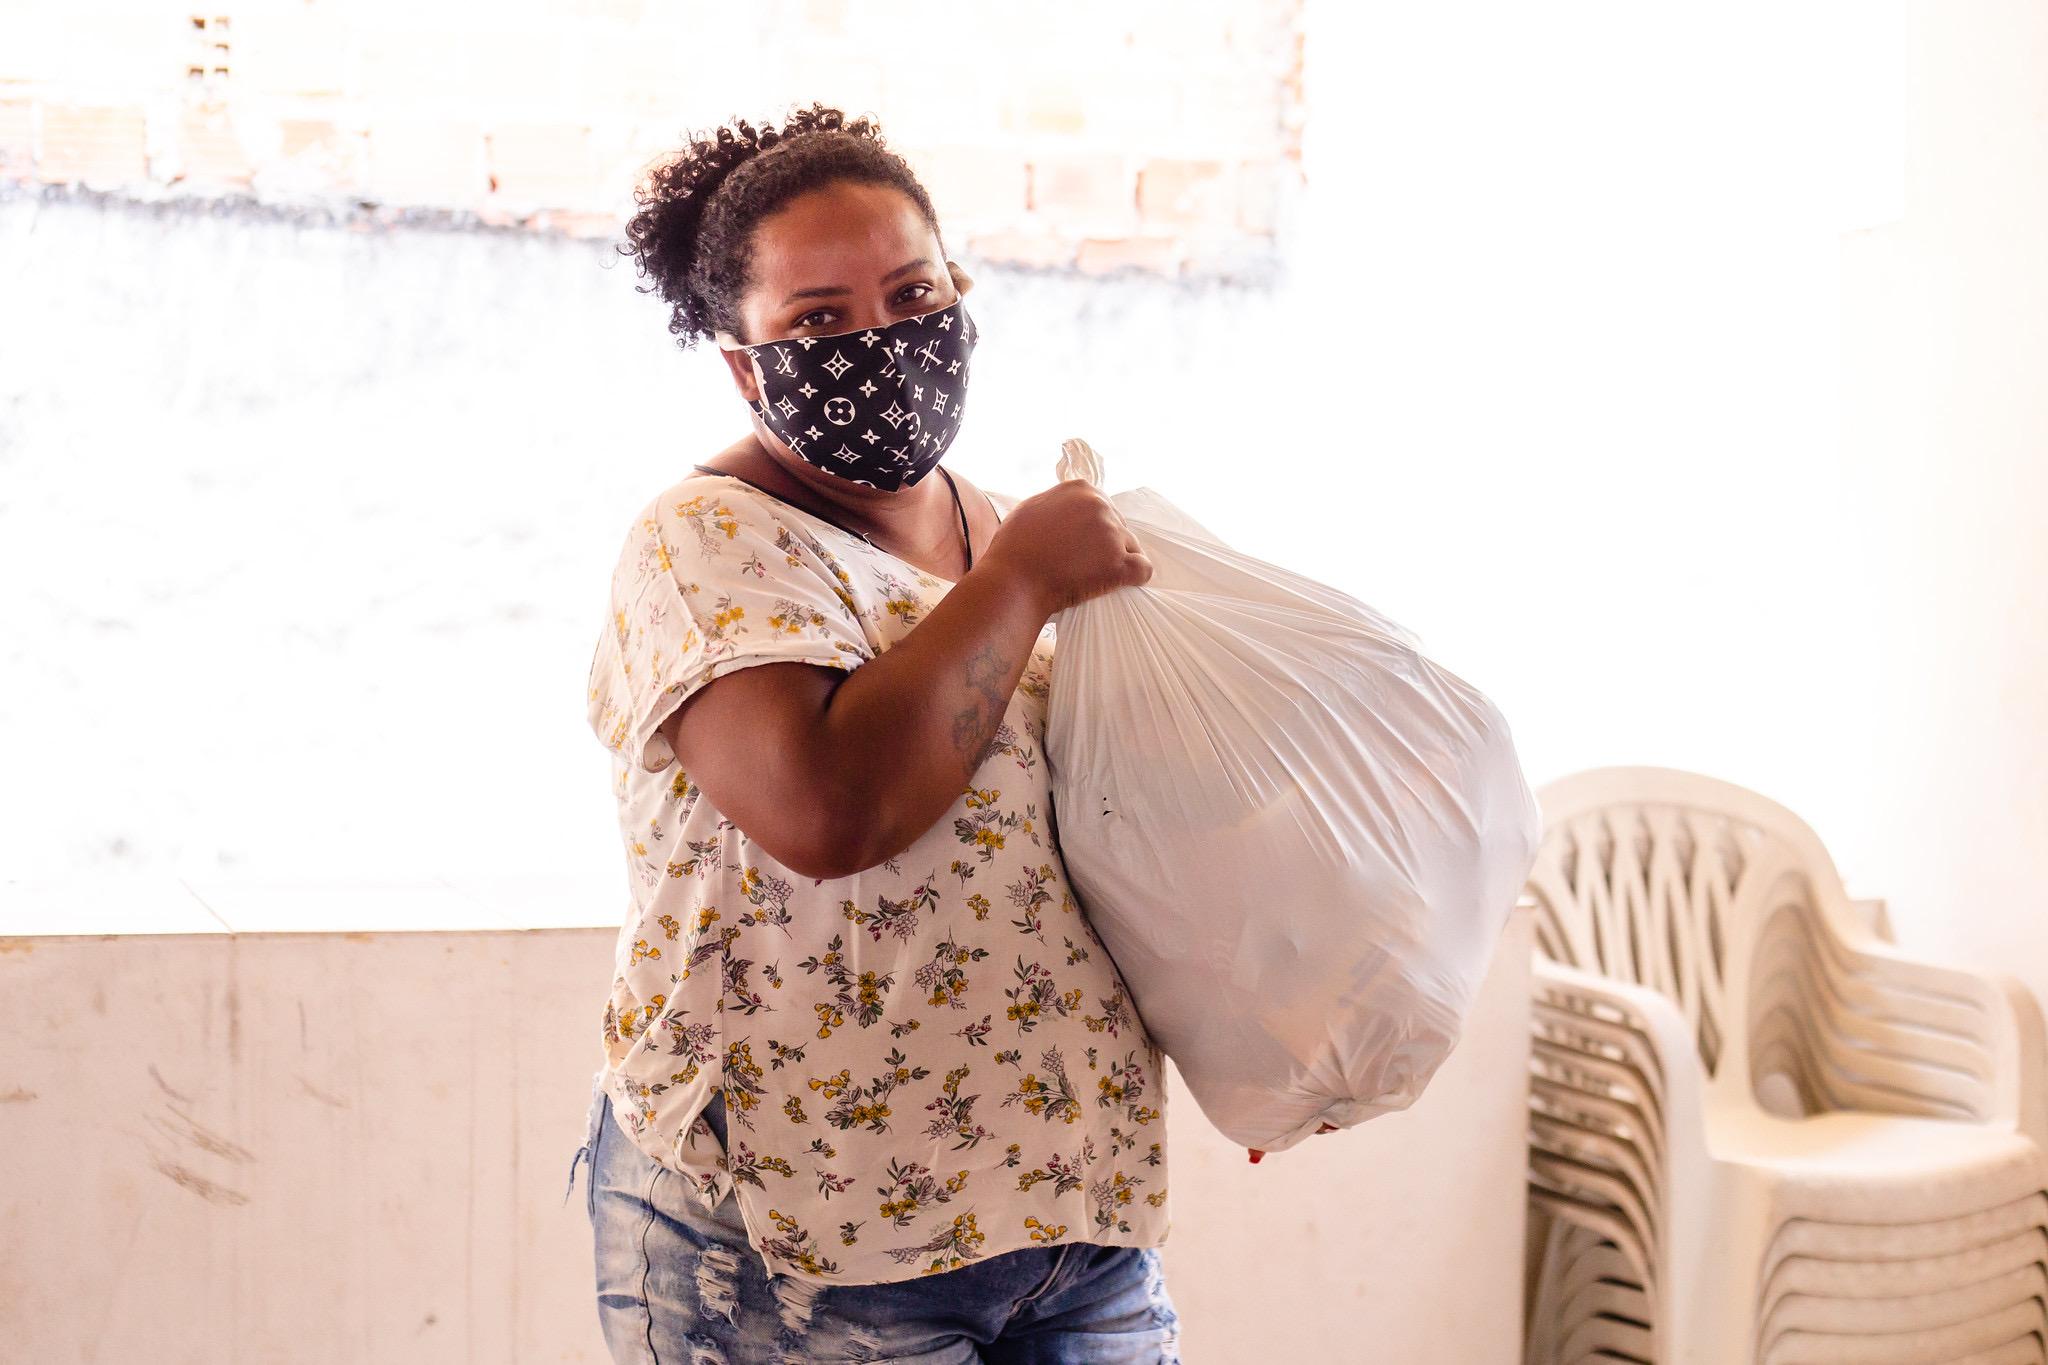 Famílias assistidas pelo Serviço de Fortalecimento de Vínculo dos CRAS começam a receber kits lanche do mês de agosto